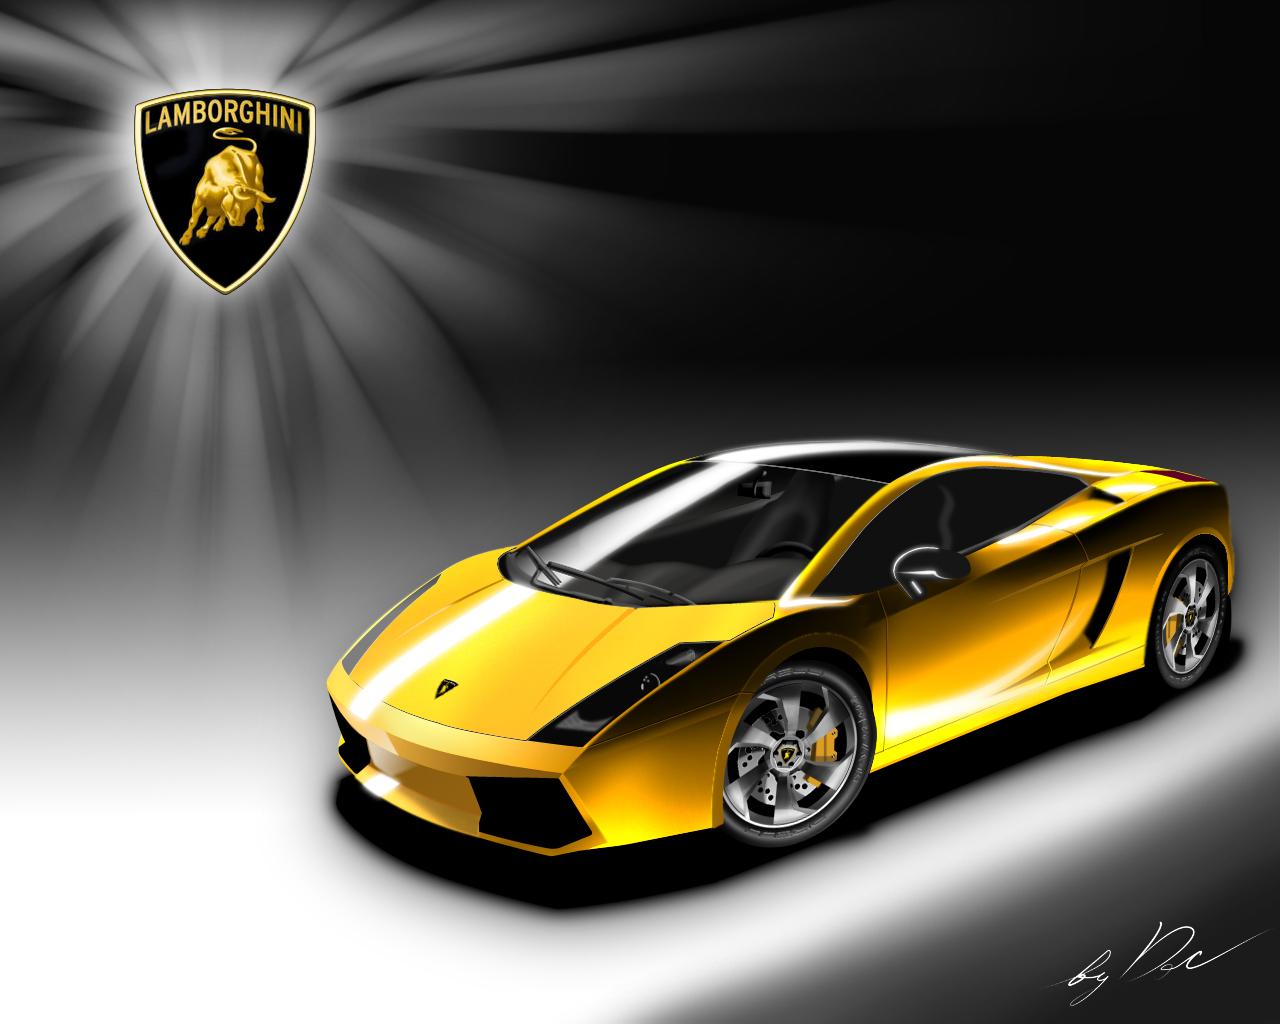 Lamborghini Wallpaper Sangar 1280x1024